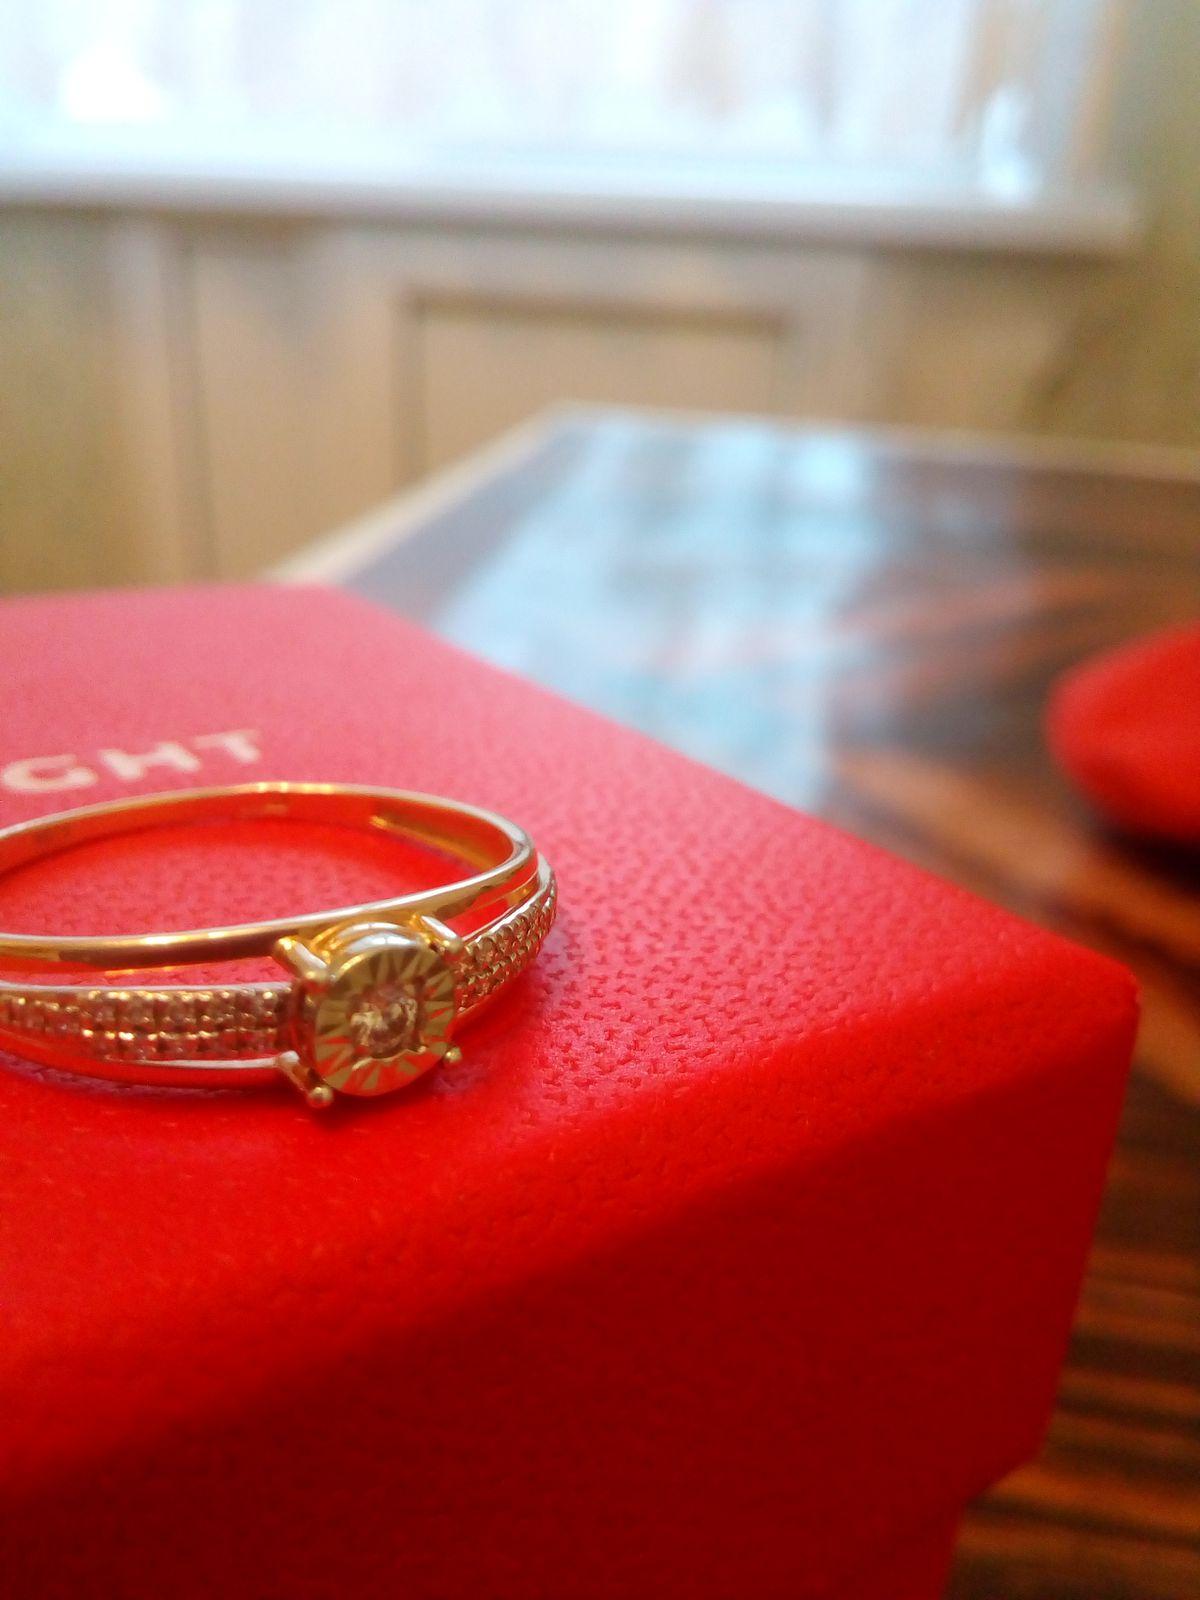 Очень красивое кольцо с бриллиантами, которое заслуживает каждая девушка!